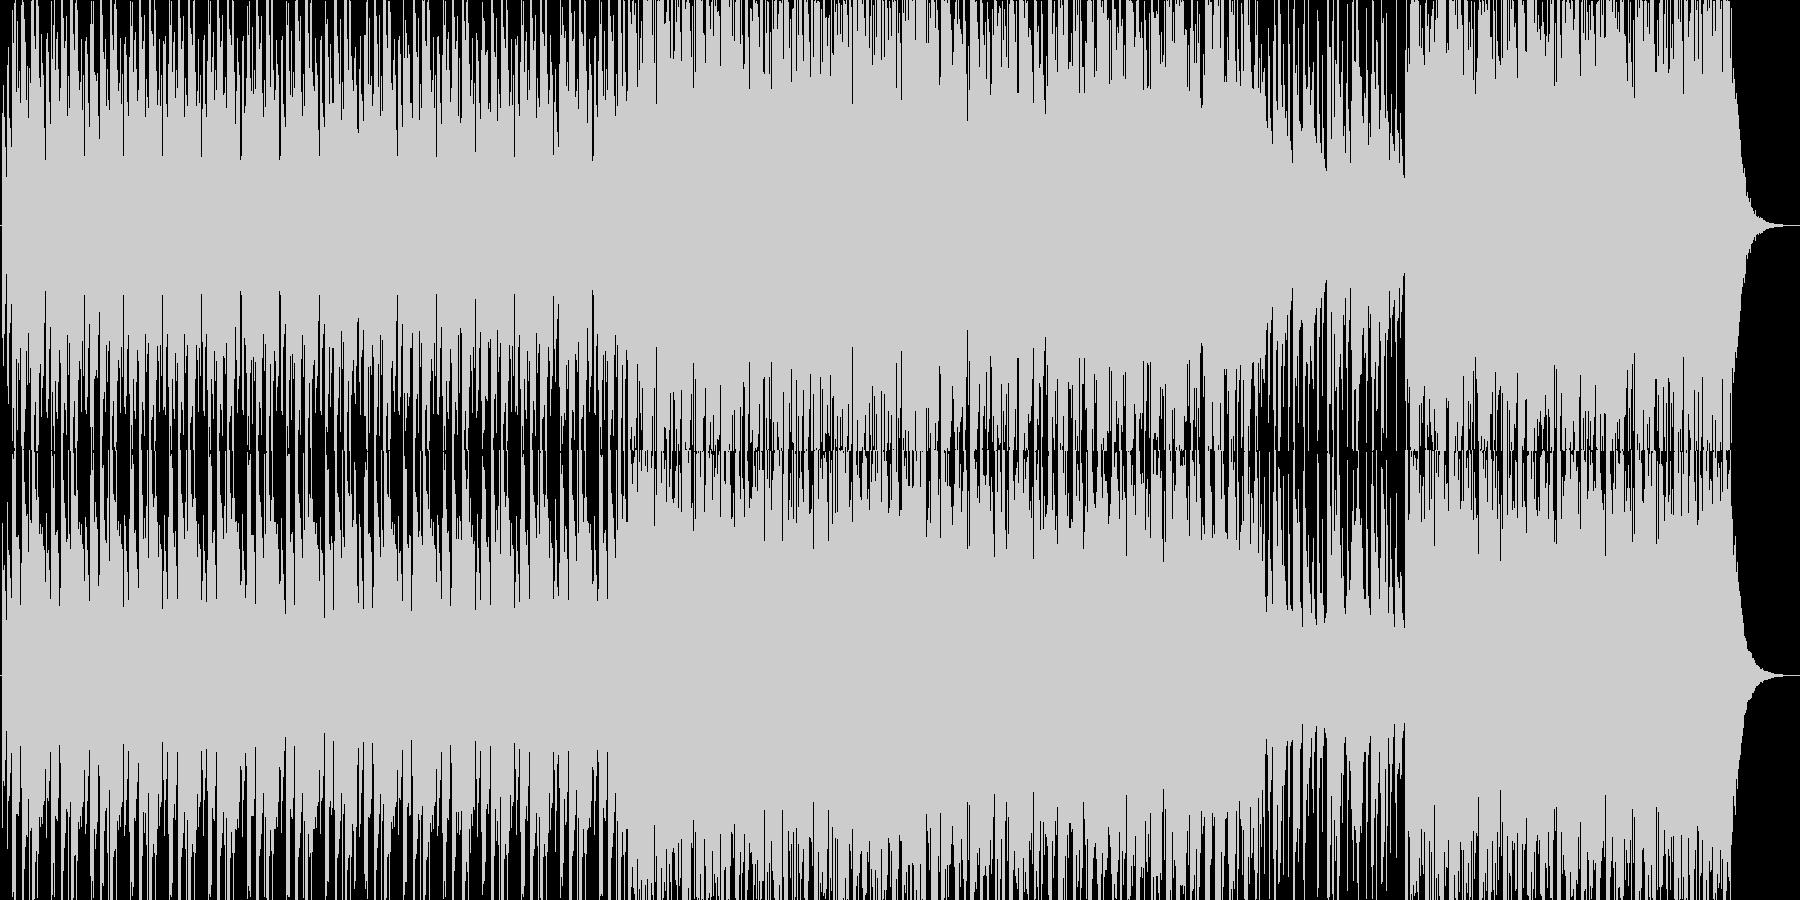 太鼓を使用したBGMです。の未再生の波形